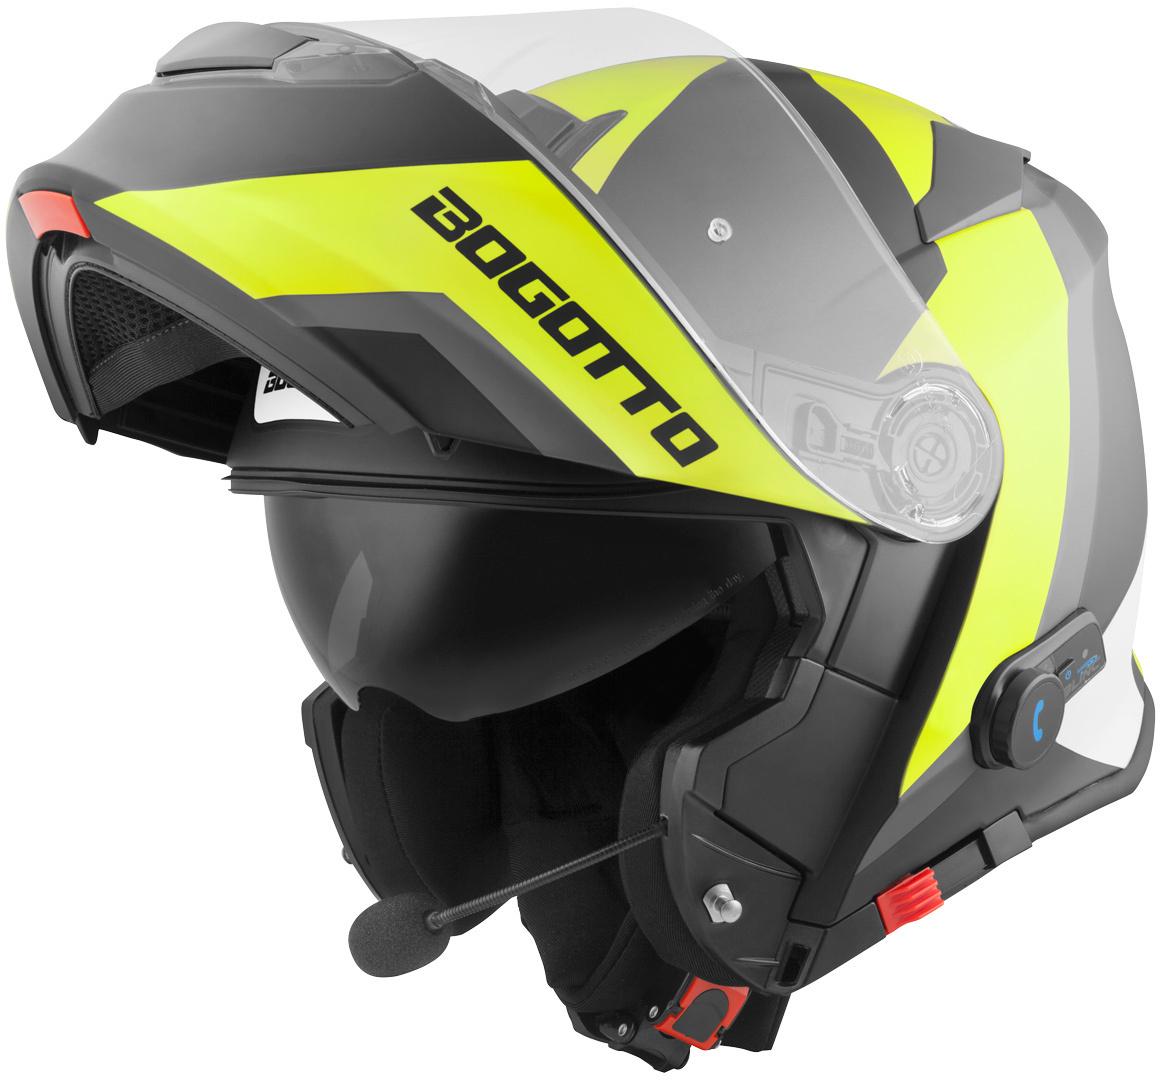 Bogotto V271 BT Zabu Bluetooth Klapphelm, schwarz-gelb, Größe L, schwarz-gelb, Größe L